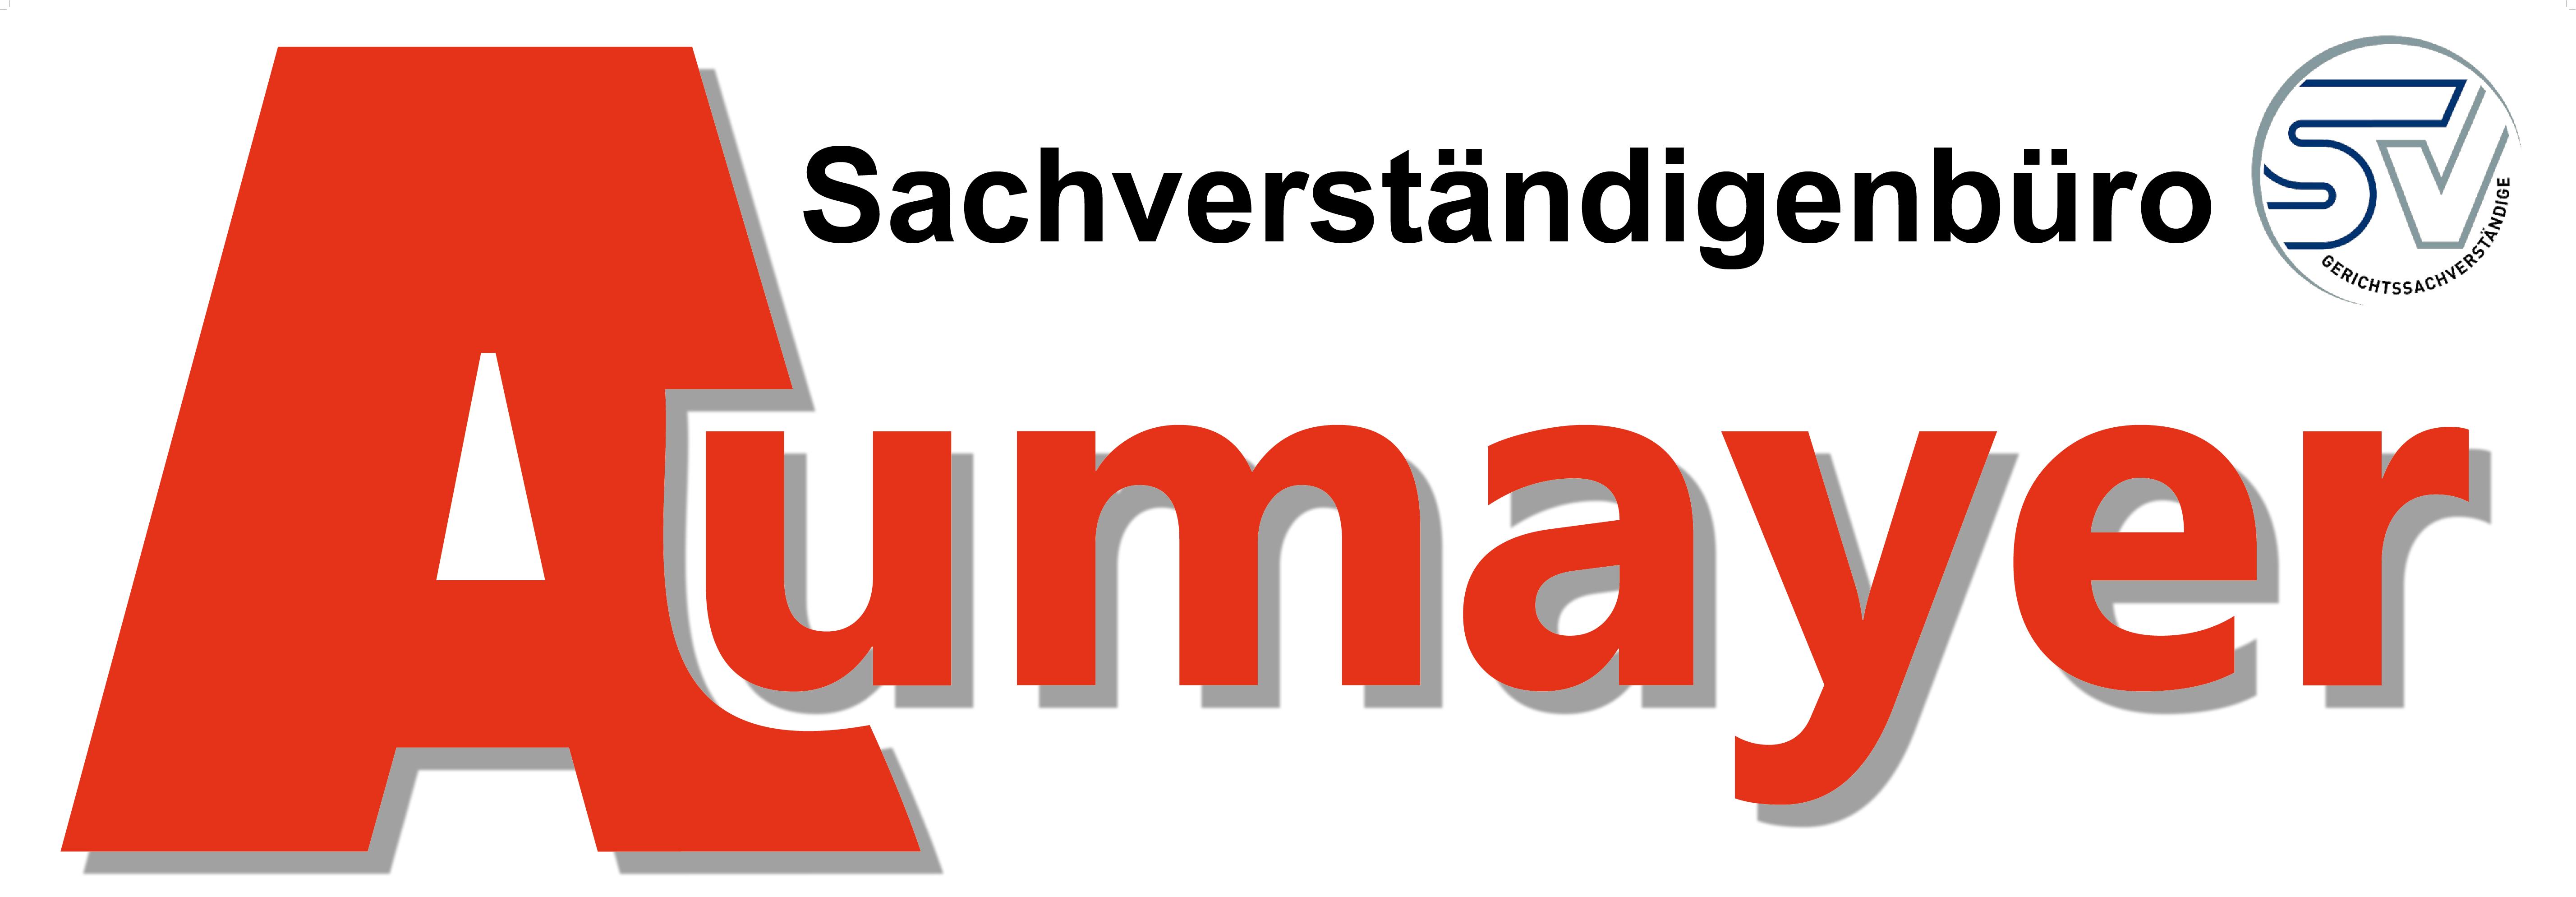 Gerichtlich zertifizierte Bausachverständiger - Baumeister Anton Aumayer | Anton Aumayer ist ihr Sachverständigenbüro für Bauwesen und Immobilien aus Perg in Oberösterreich, Energieausweise, Pläne, Liegenschaftsbewertung, Wohnungen